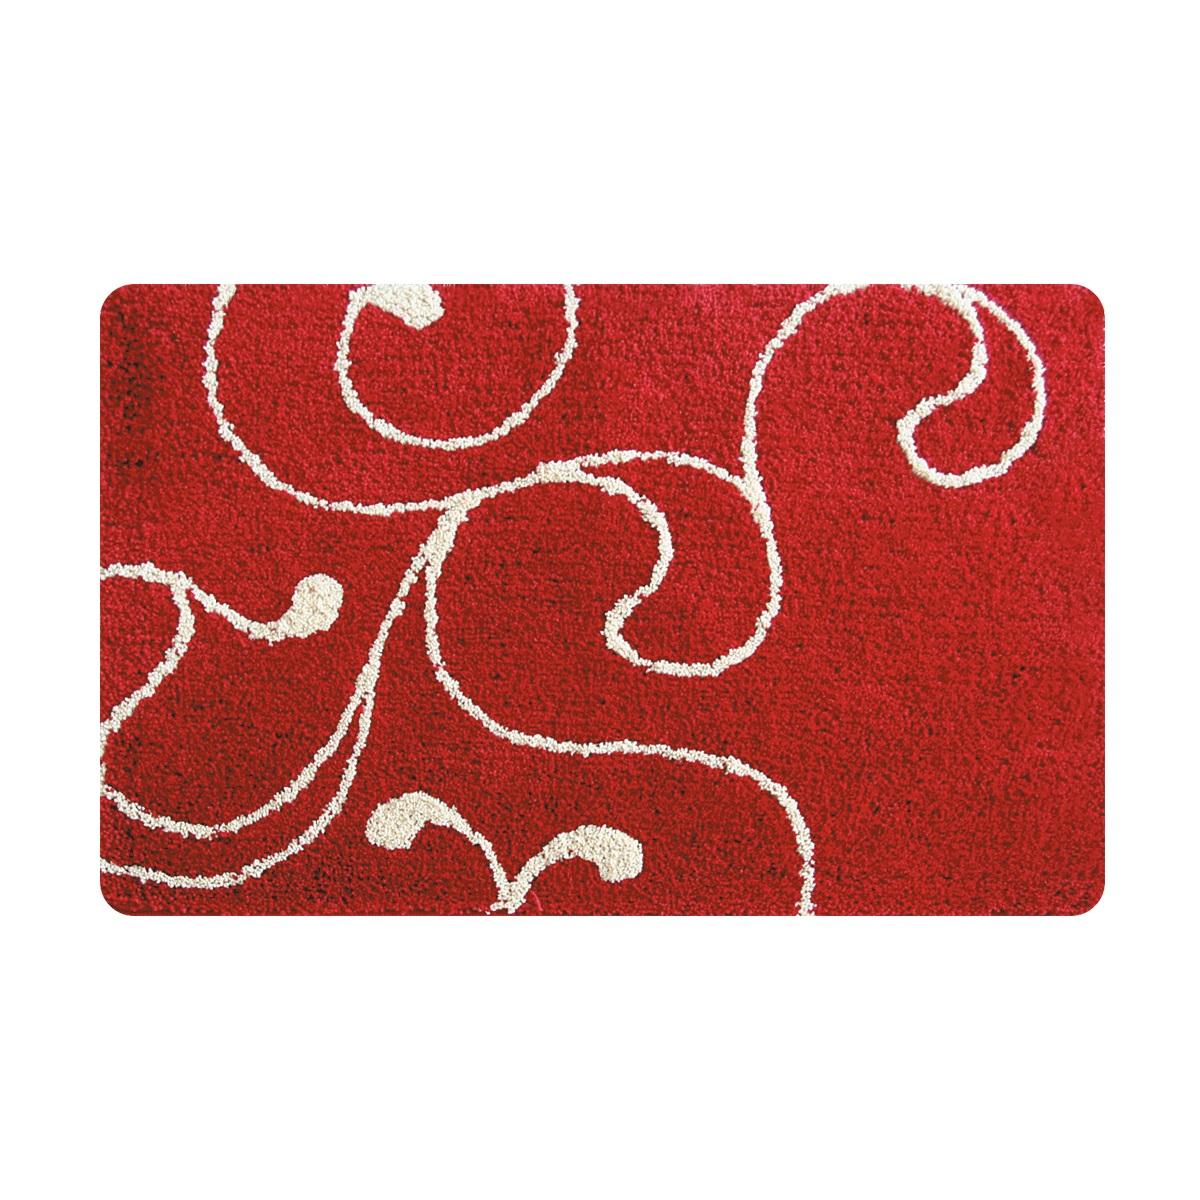 Коврик для ванной Iddis Flower Lace Red, цвет: красный, 60 х 90 см411M690I12100% полиэстер (микрофибра), тканный коврик для ванной комнаты на латексной основе. Высота ворса 2.5см. Упаковка ПП пакет